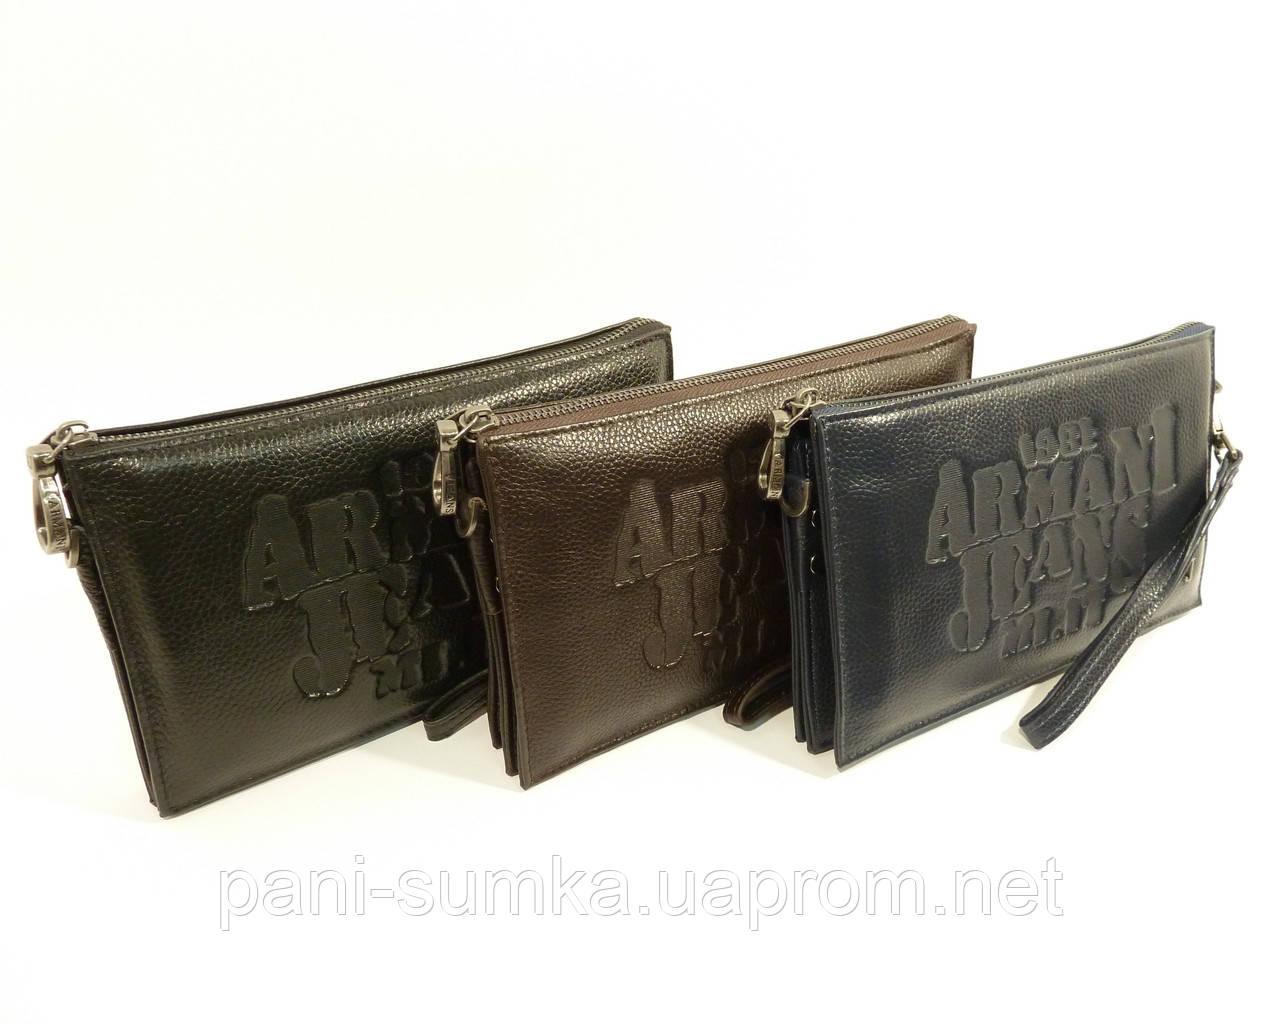 Клатч чоловічий середній шкіряний Armani Jeans 921-2 чорний, сумка чоловіча